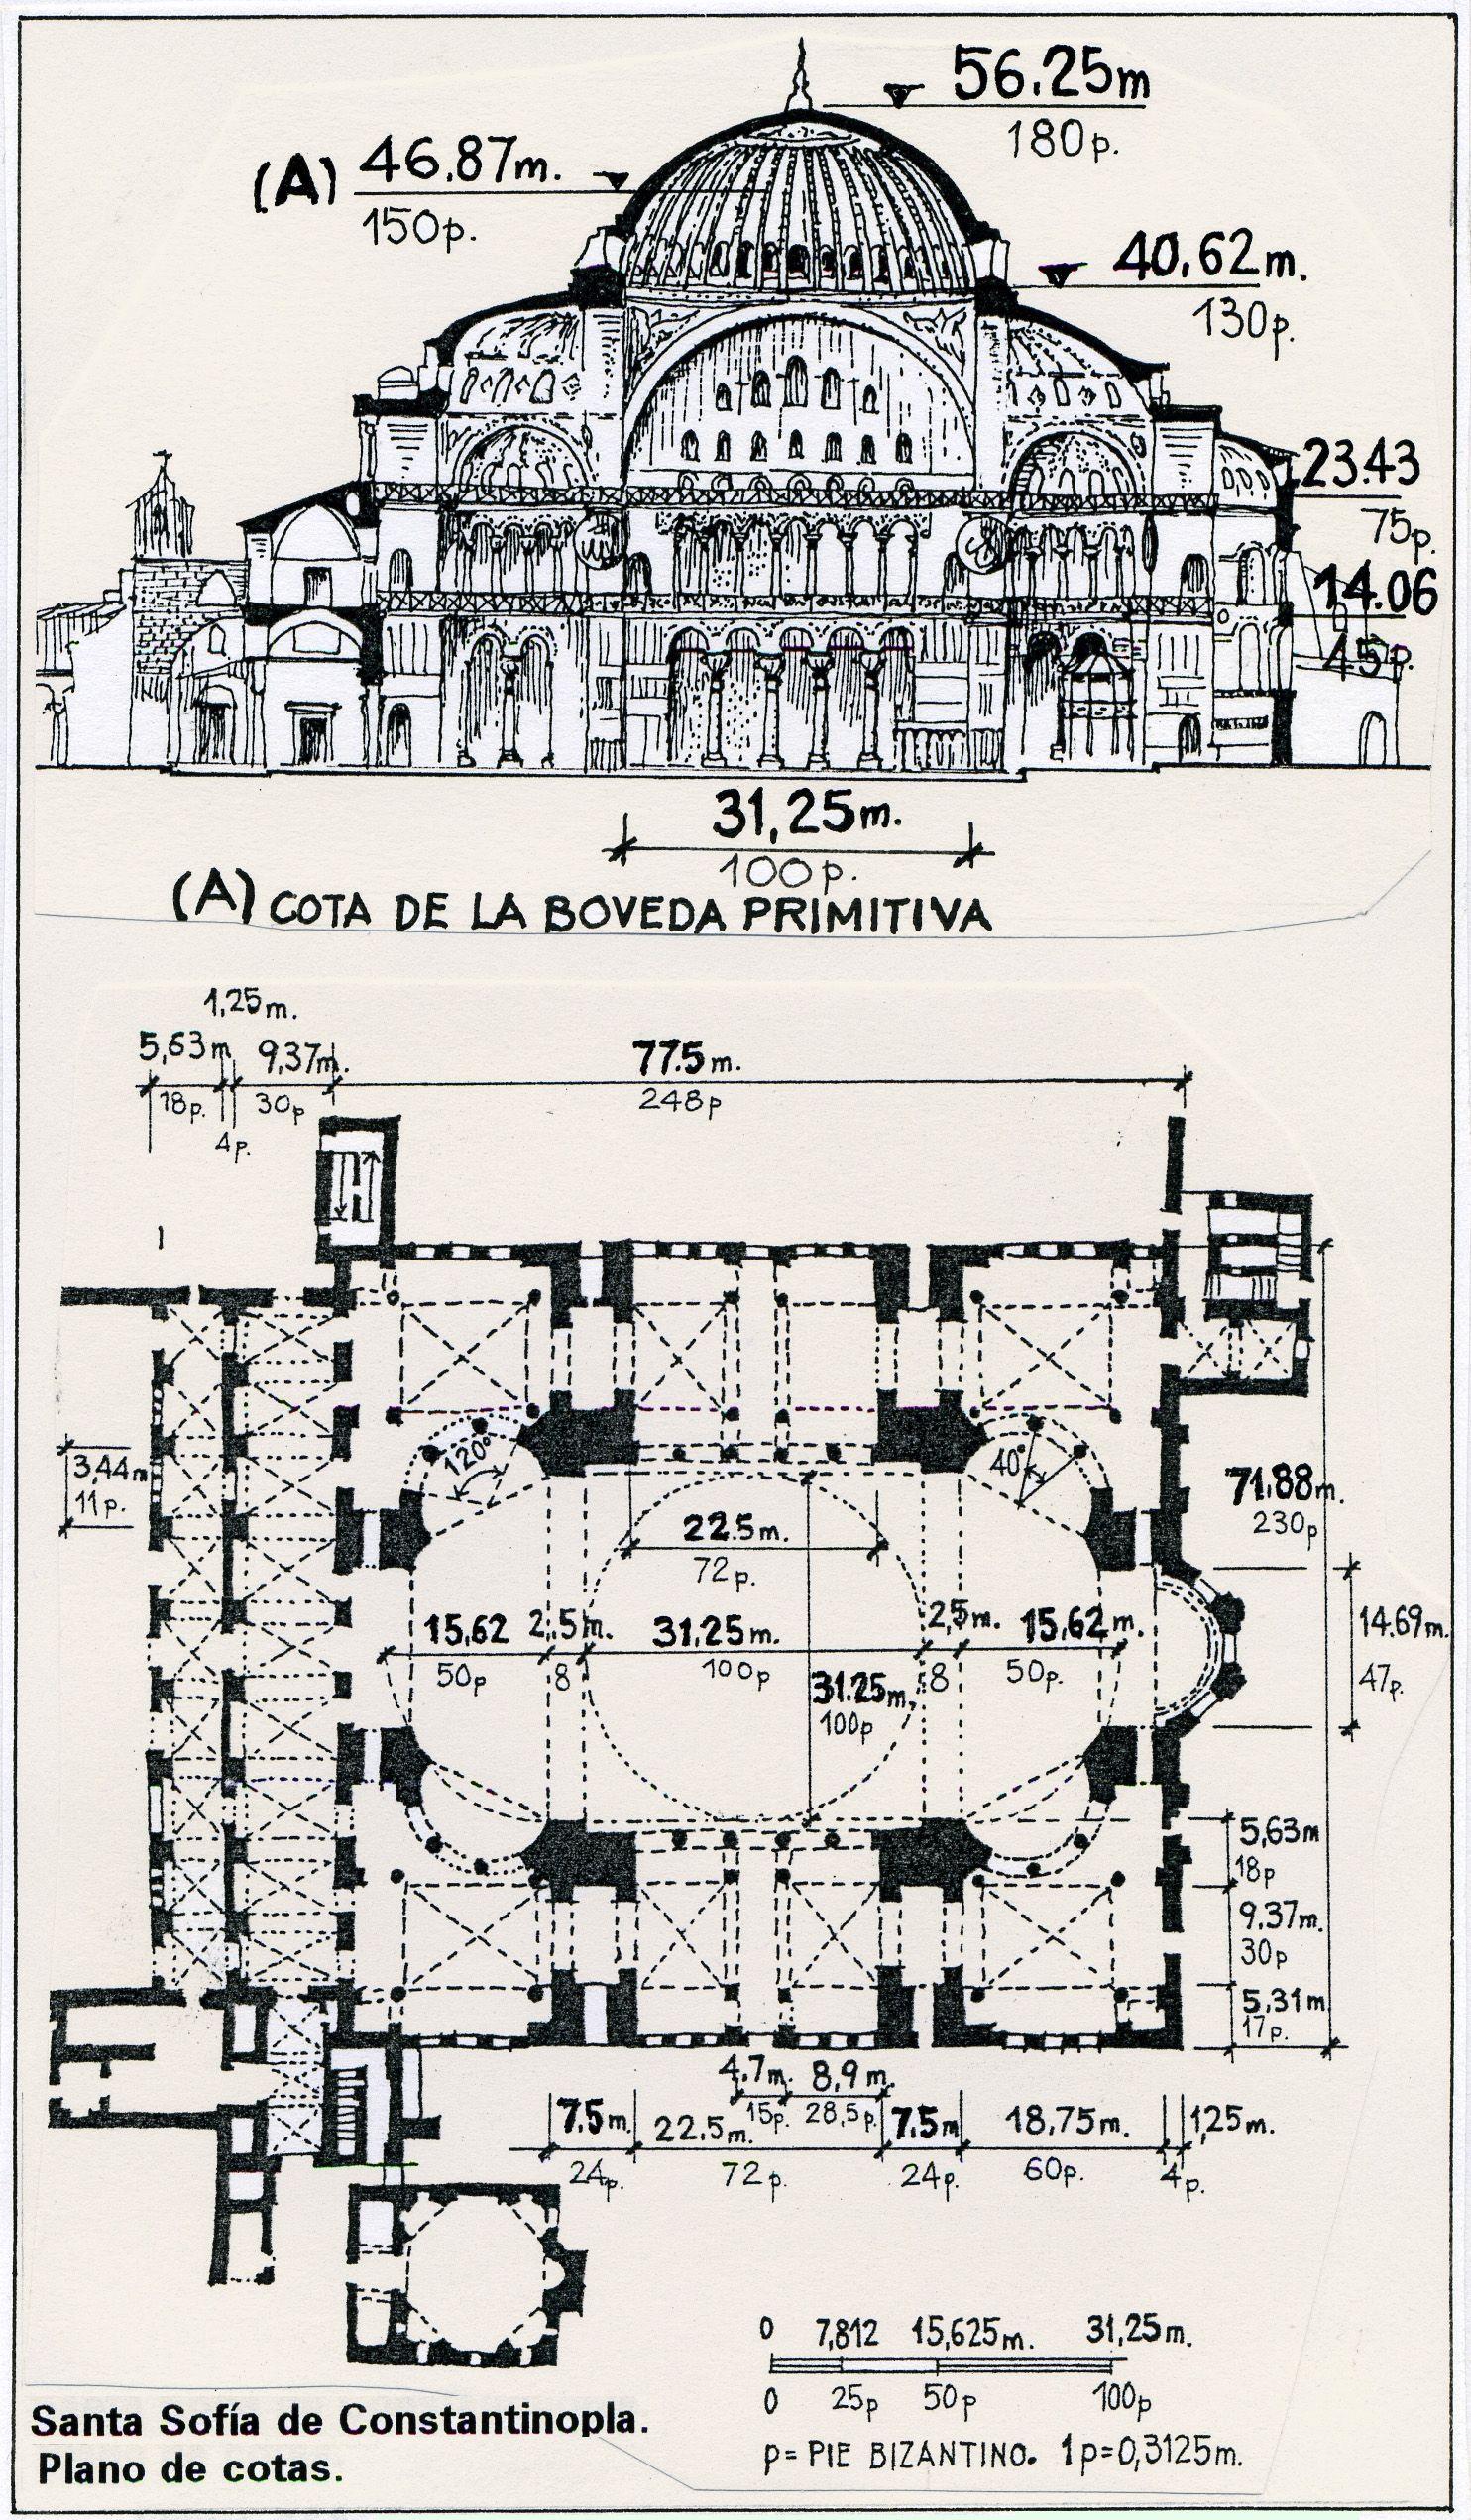 Santa Sof A De Constantinopla Plano De Cotas